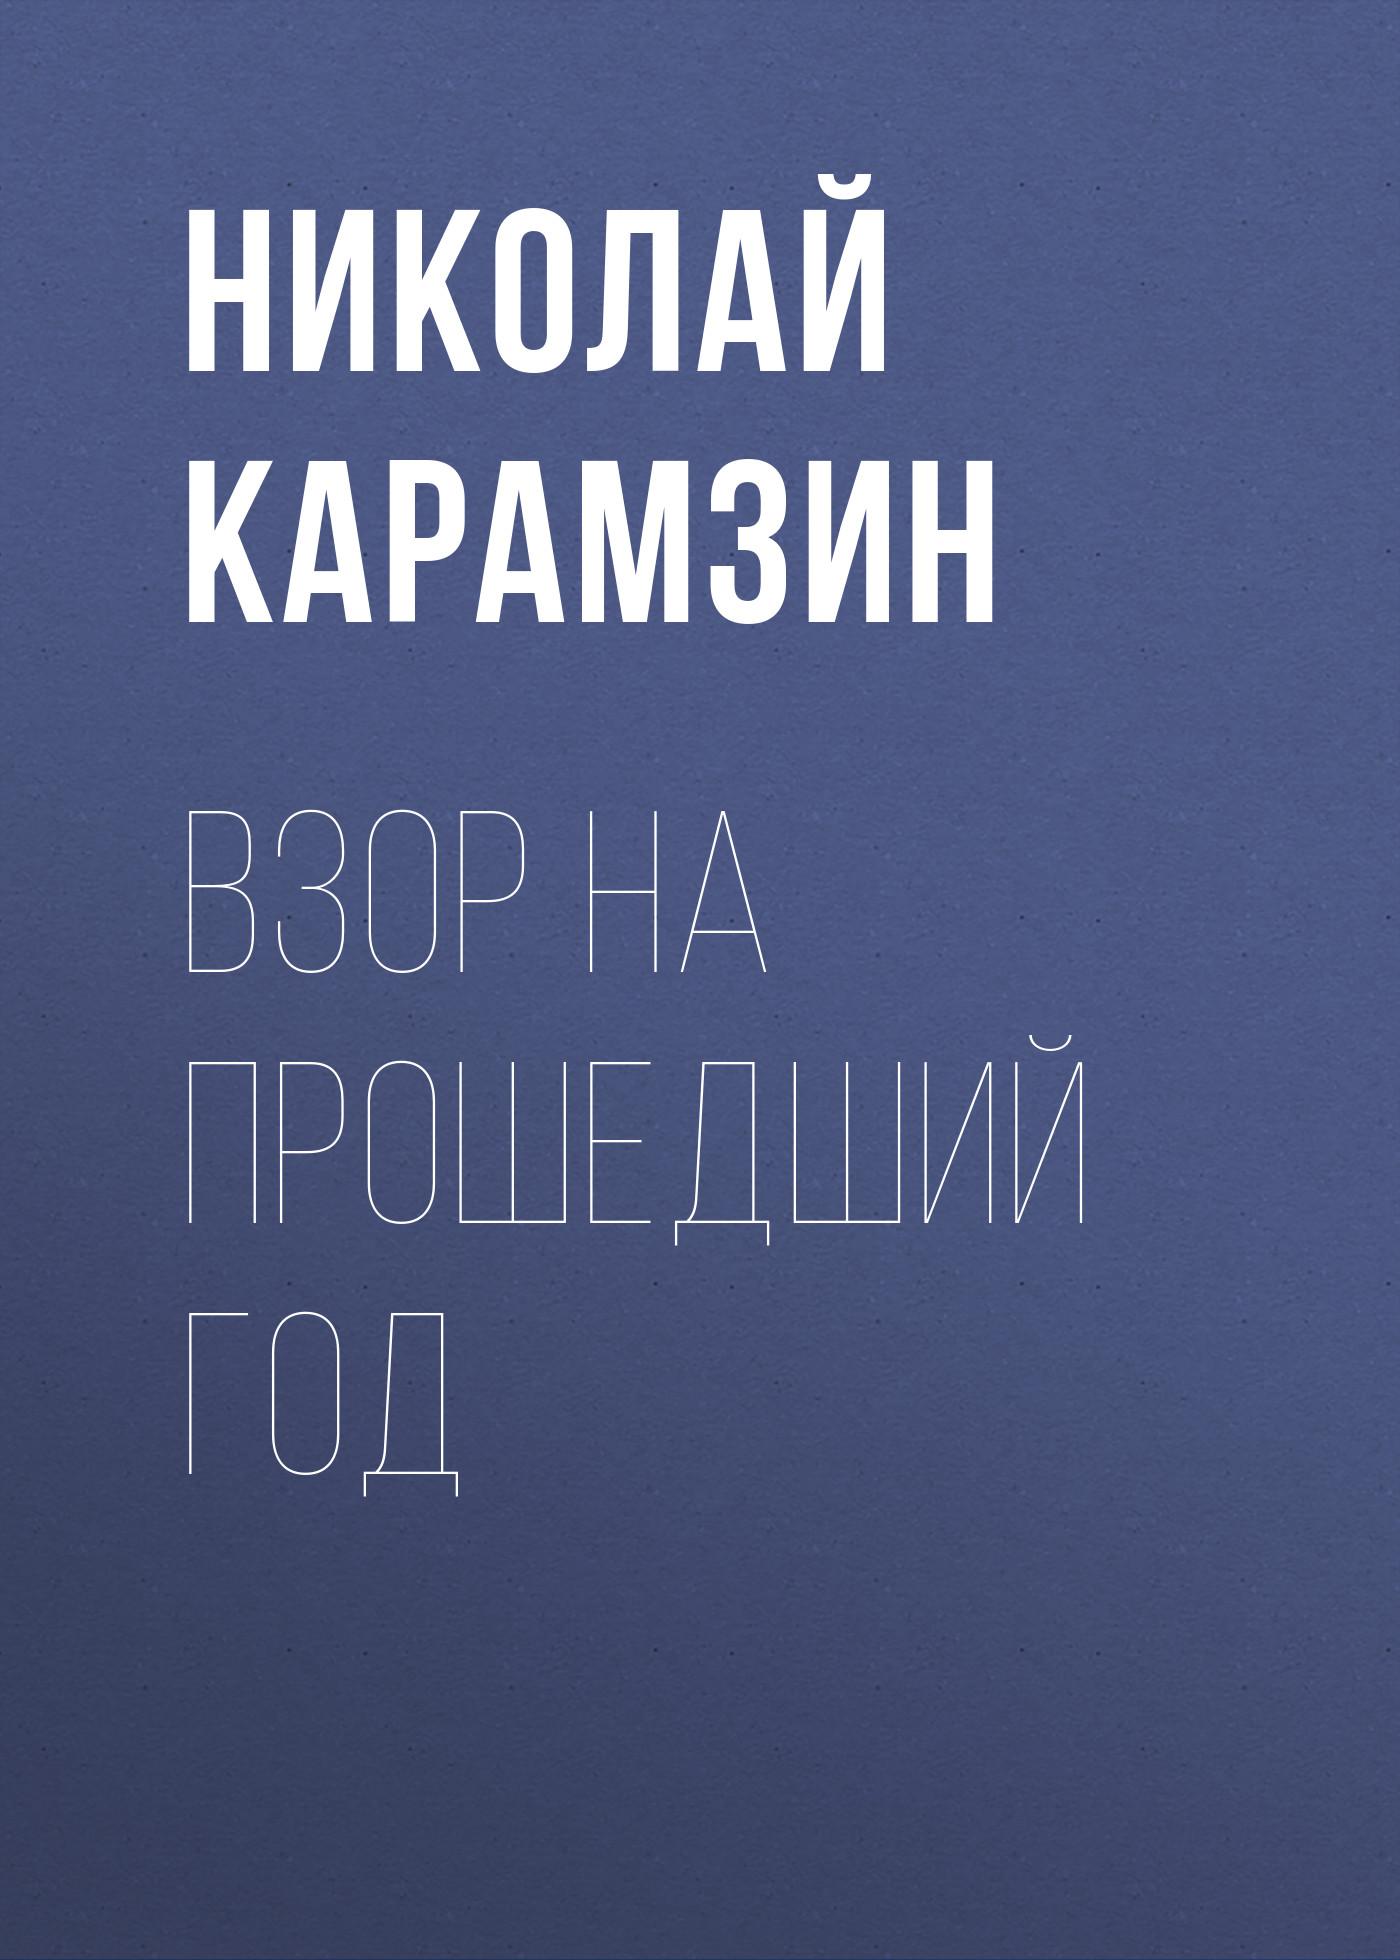 Купить книгу Взор на прошедший год, автора Николая Карамзина